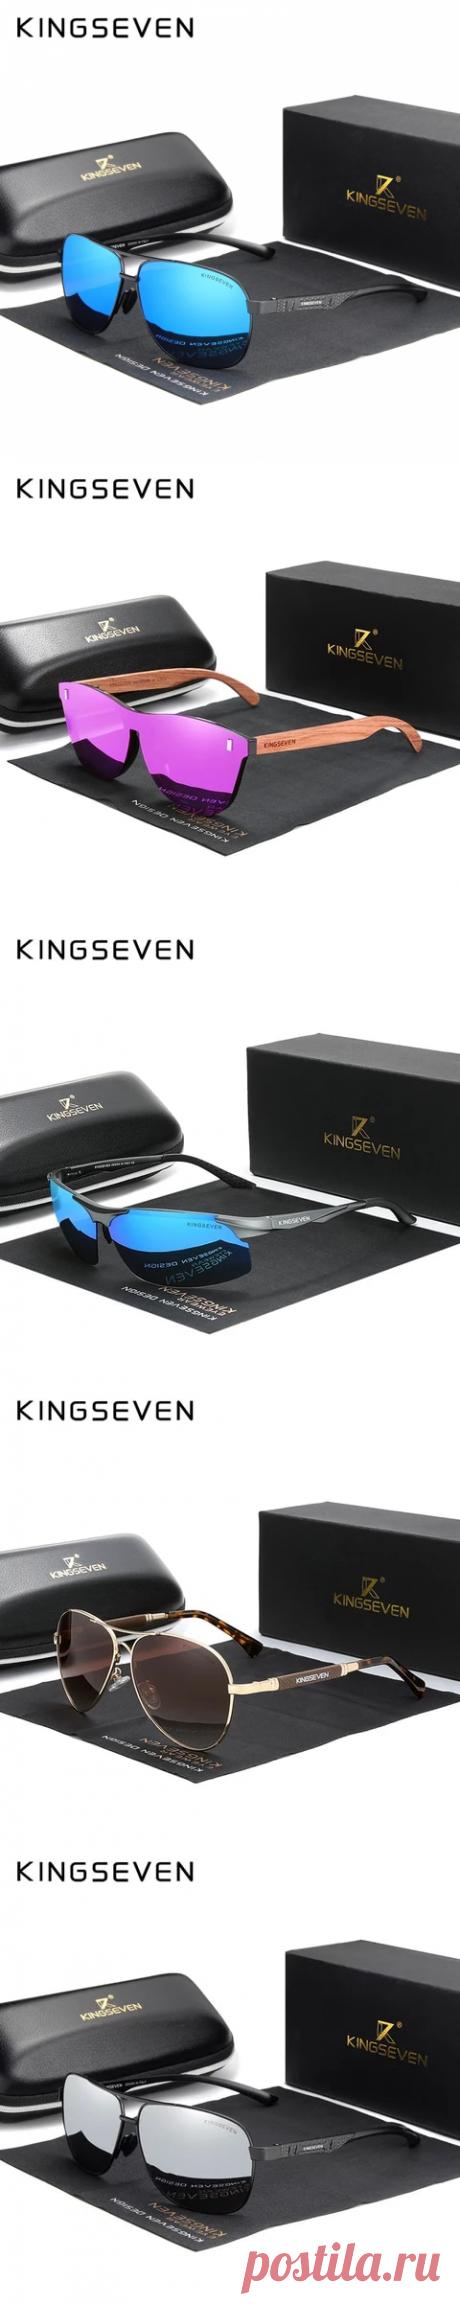 KINGSEVEN 2020 Брендовые мужские алюминиевые солнцезащитные очки поляризованные UV400 зеркальные Мужские солнцезащитные очки для женщин и мужчин Oculos de sol | Мужские солнцезащитные очки